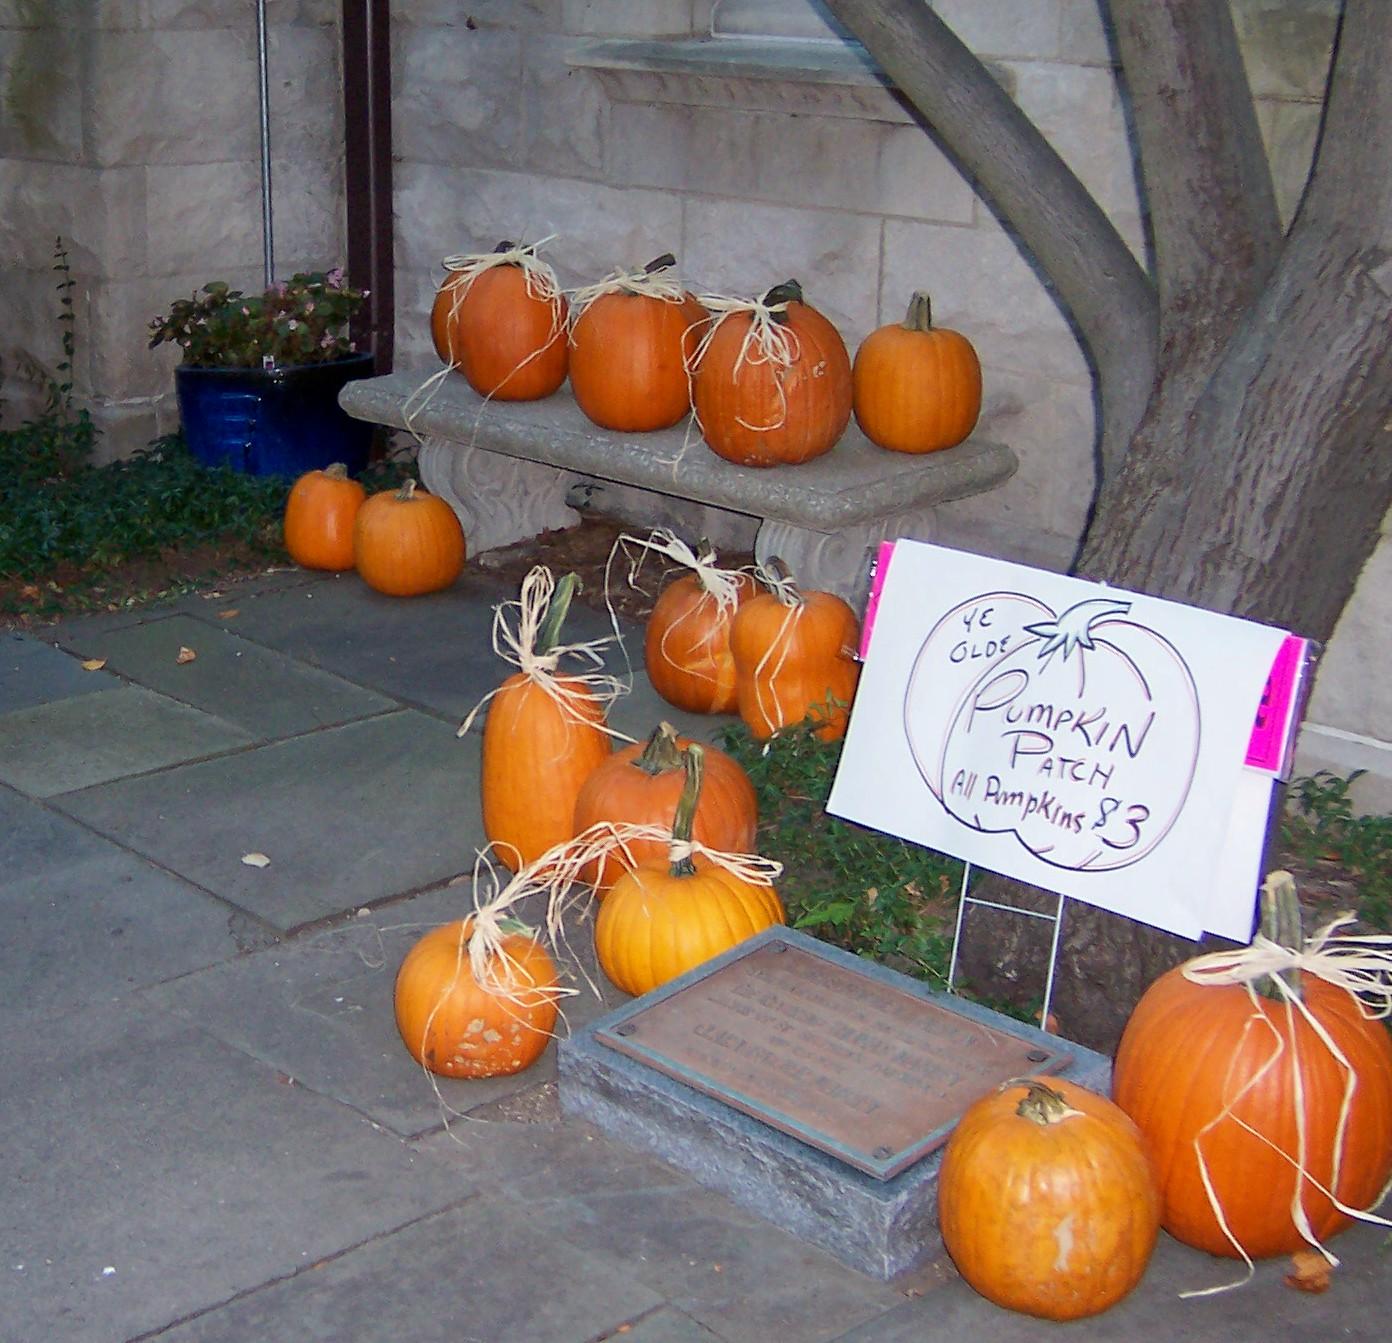 27 pumpkin patch